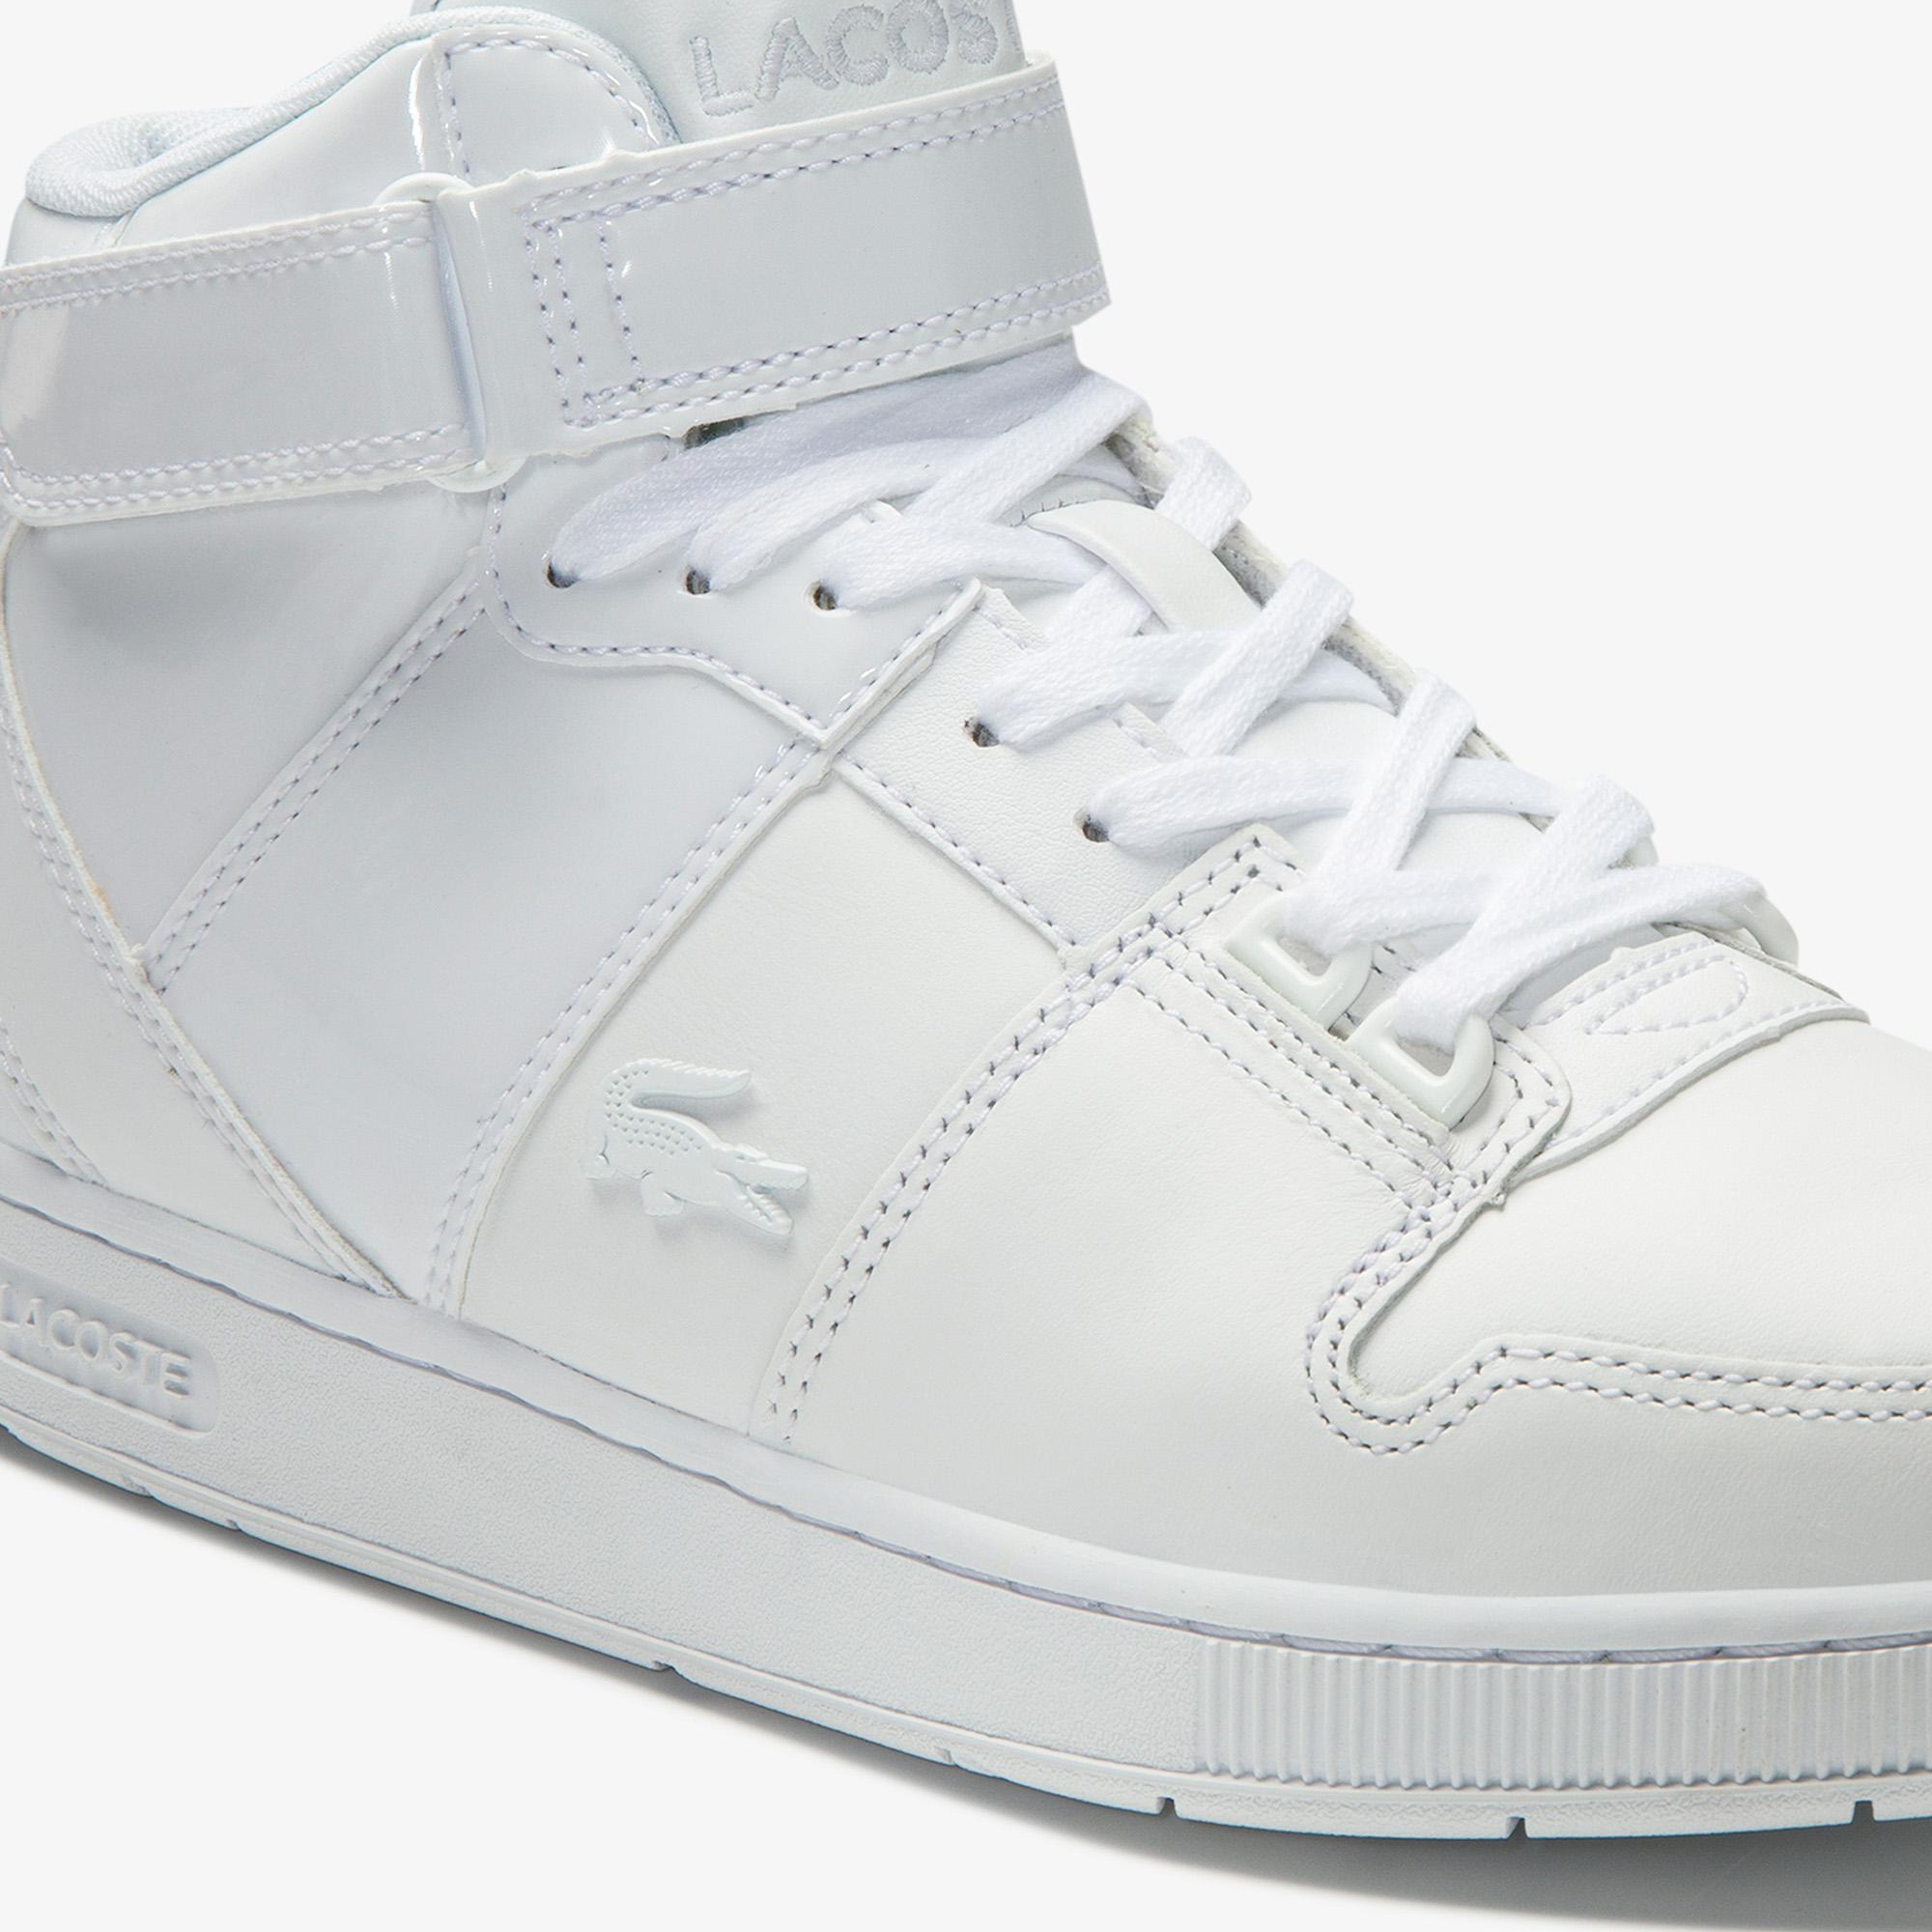 Lacoste Tramline Mid 0120 1 Sfa Kadın Deri Beyaz Mid Ayakkabı